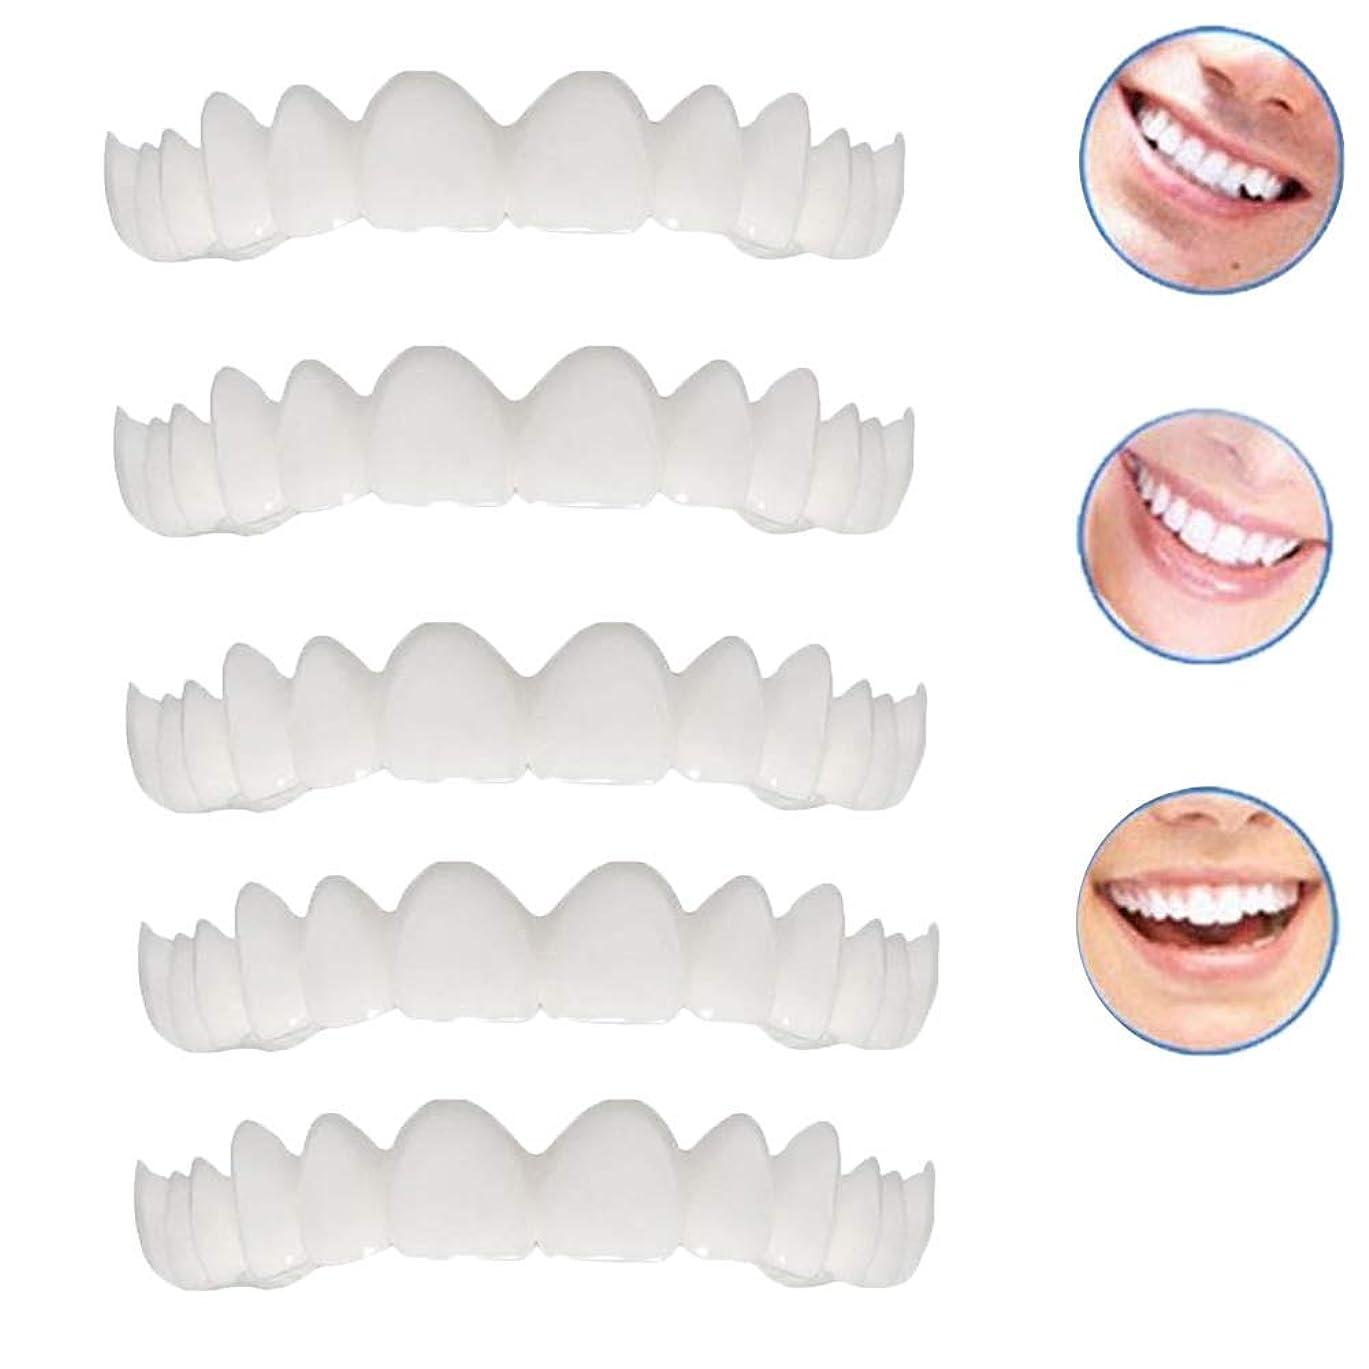 残りフルート視線2本の偽のベニヤ修正歯のトップホワイトニング化粧品義歯修正のための悪い歯のための新しいプロの笑顔のベニヤ